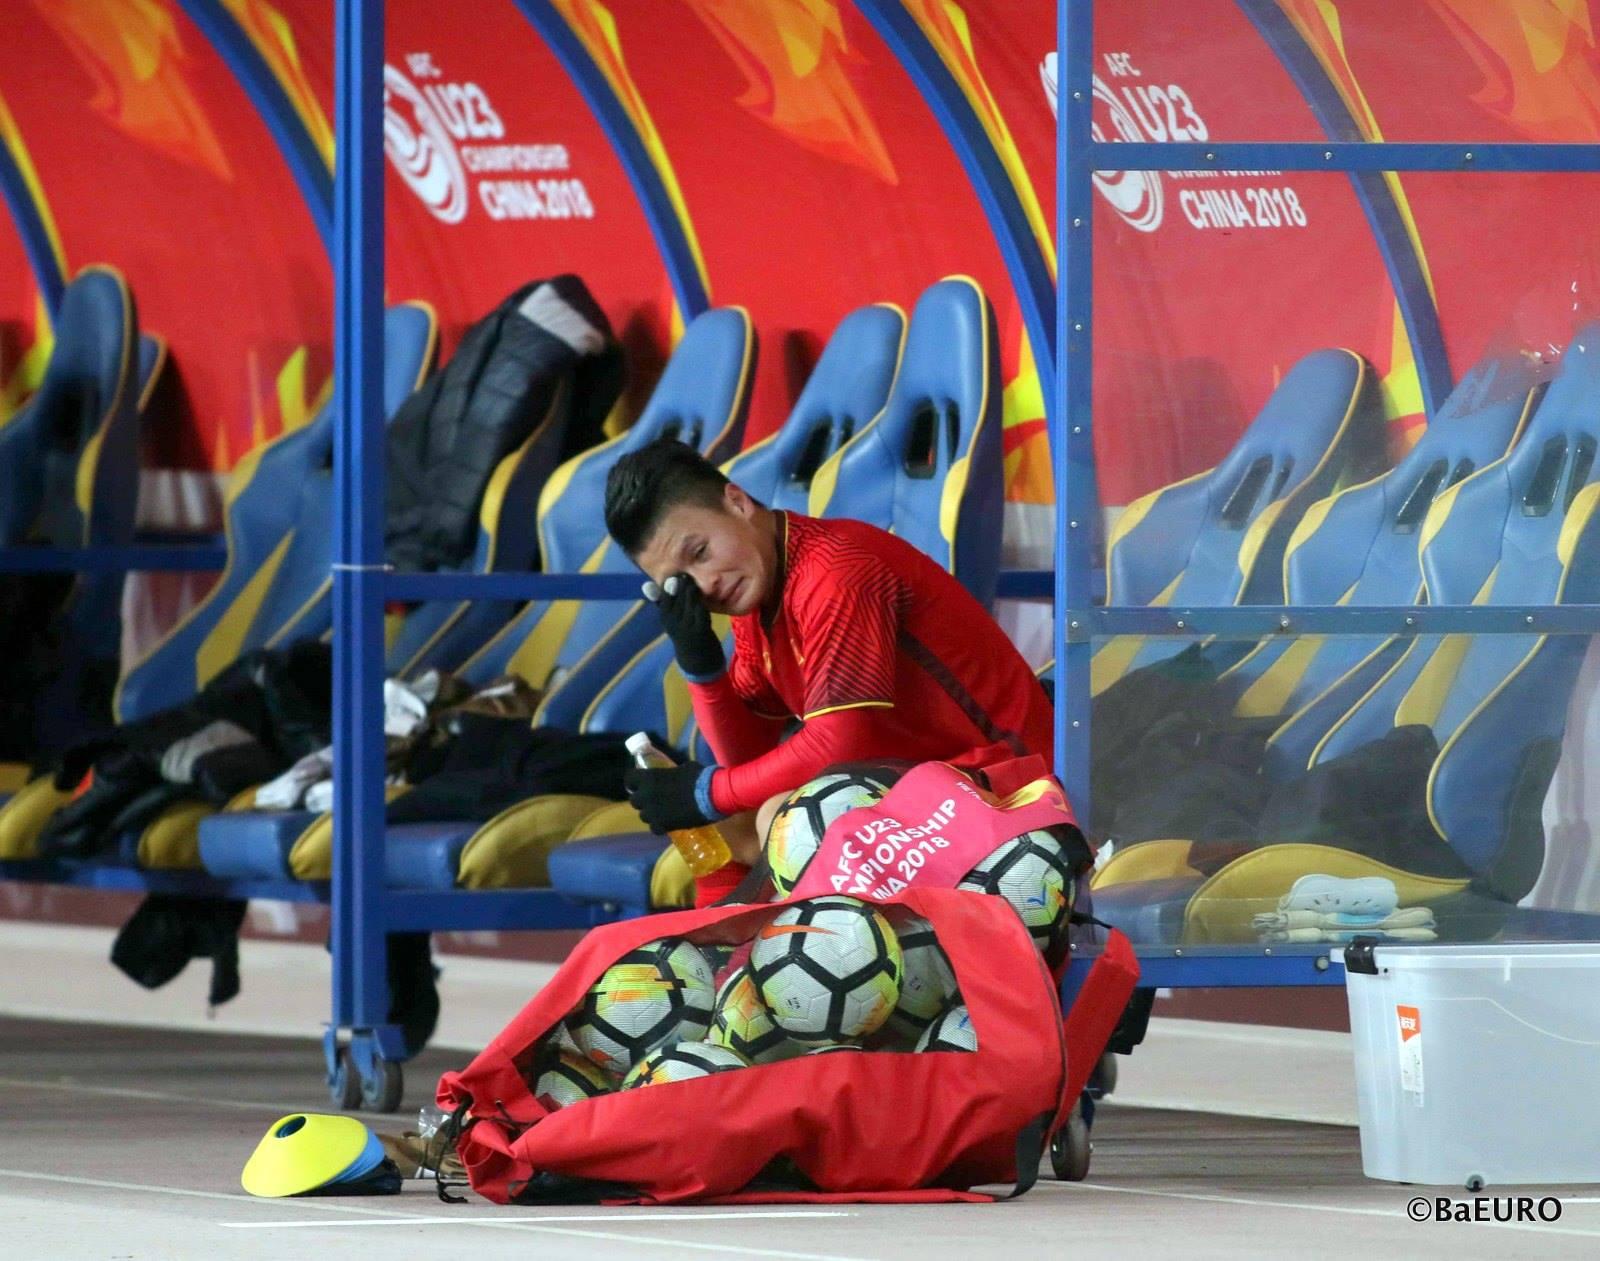 """Sau khi tiếng còi kết thúc trận vang lên, """"người hùng"""" của U23 Việt Nam ngồi trong cabin khóc. Những giọt nước mắt hạnh phúc """"đốn tim"""" các CĐV nhà. Ảnh: Ba Euro."""